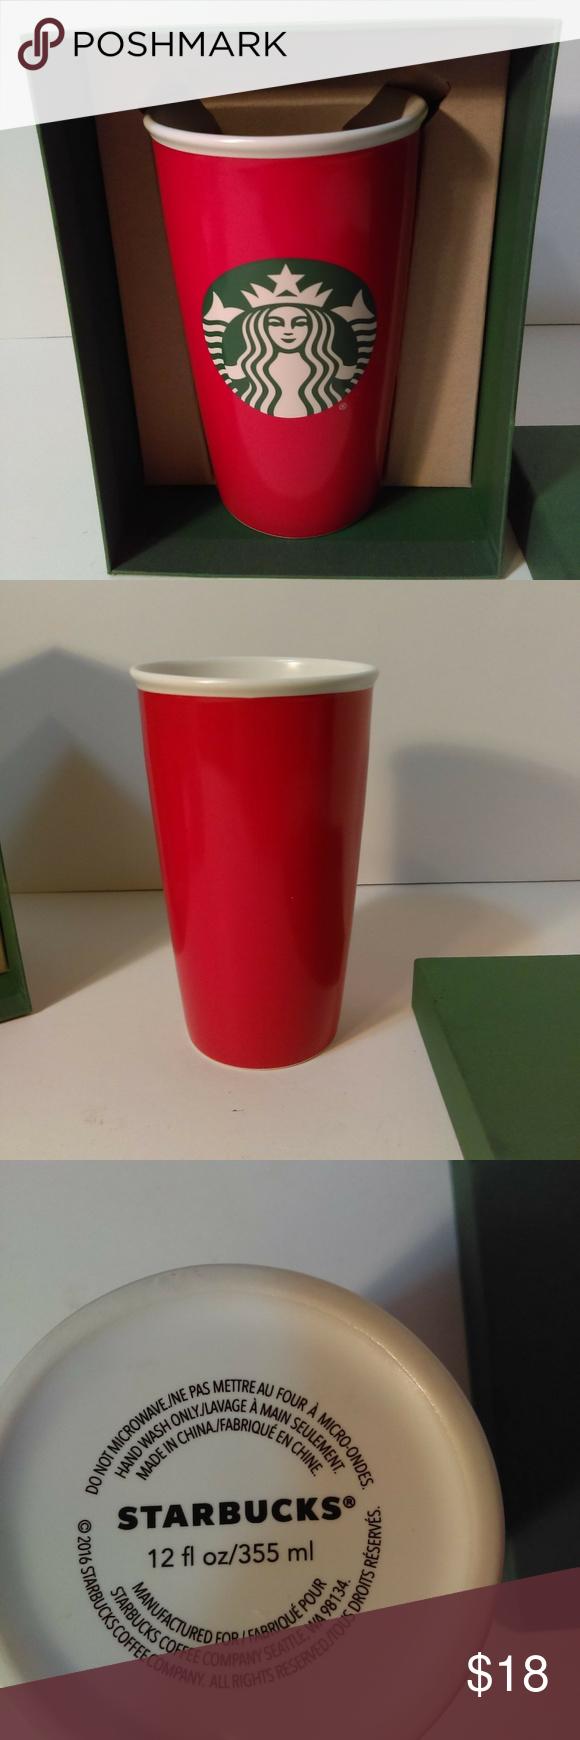 Starbucks 2016 Coffee Mug Cup Red NIB Coffee mugs